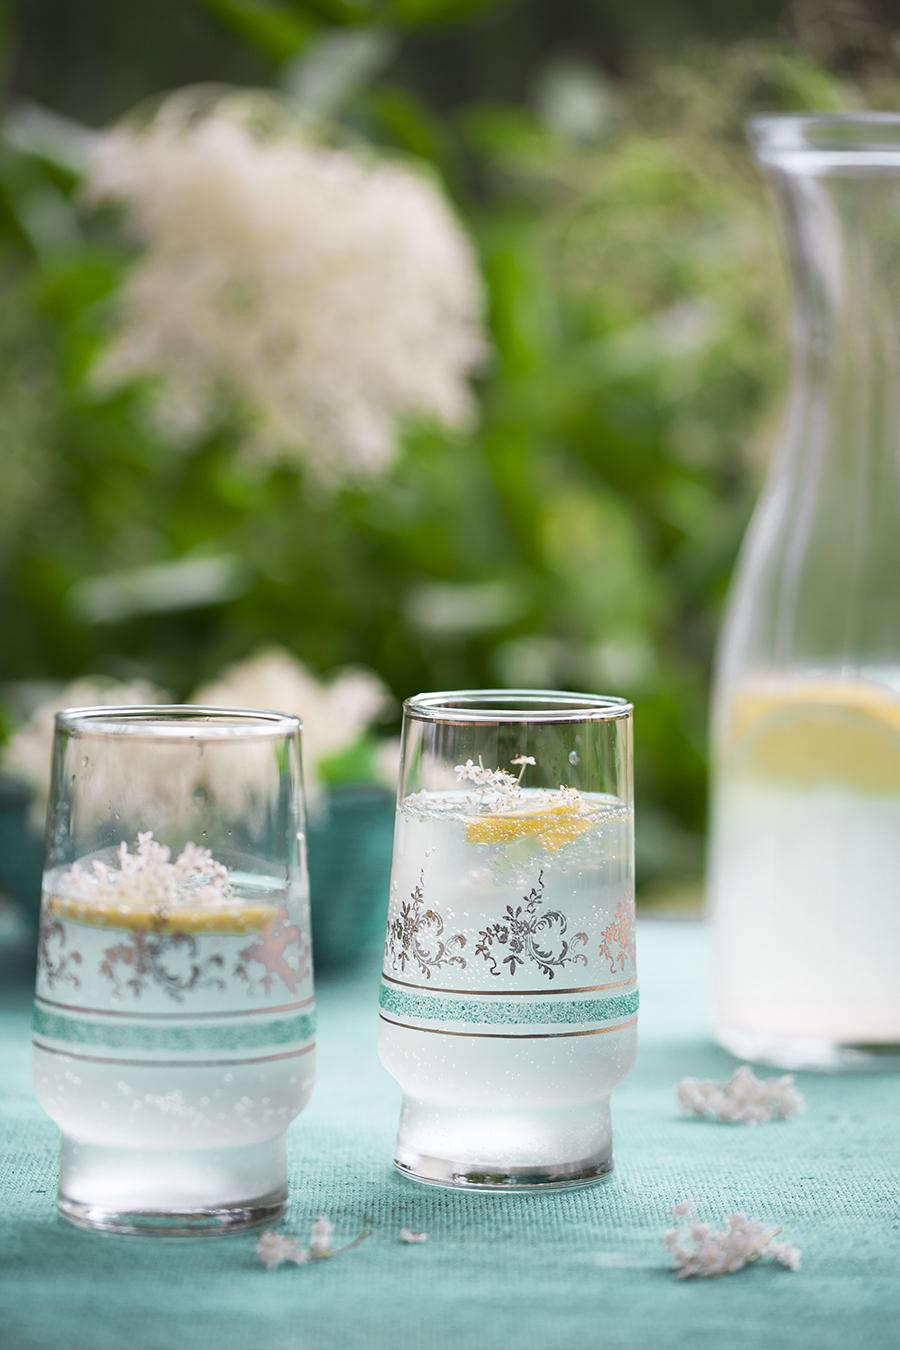 lemoniada z kwiatów czarnego bzu, lemoniada, czarny bez, ogród